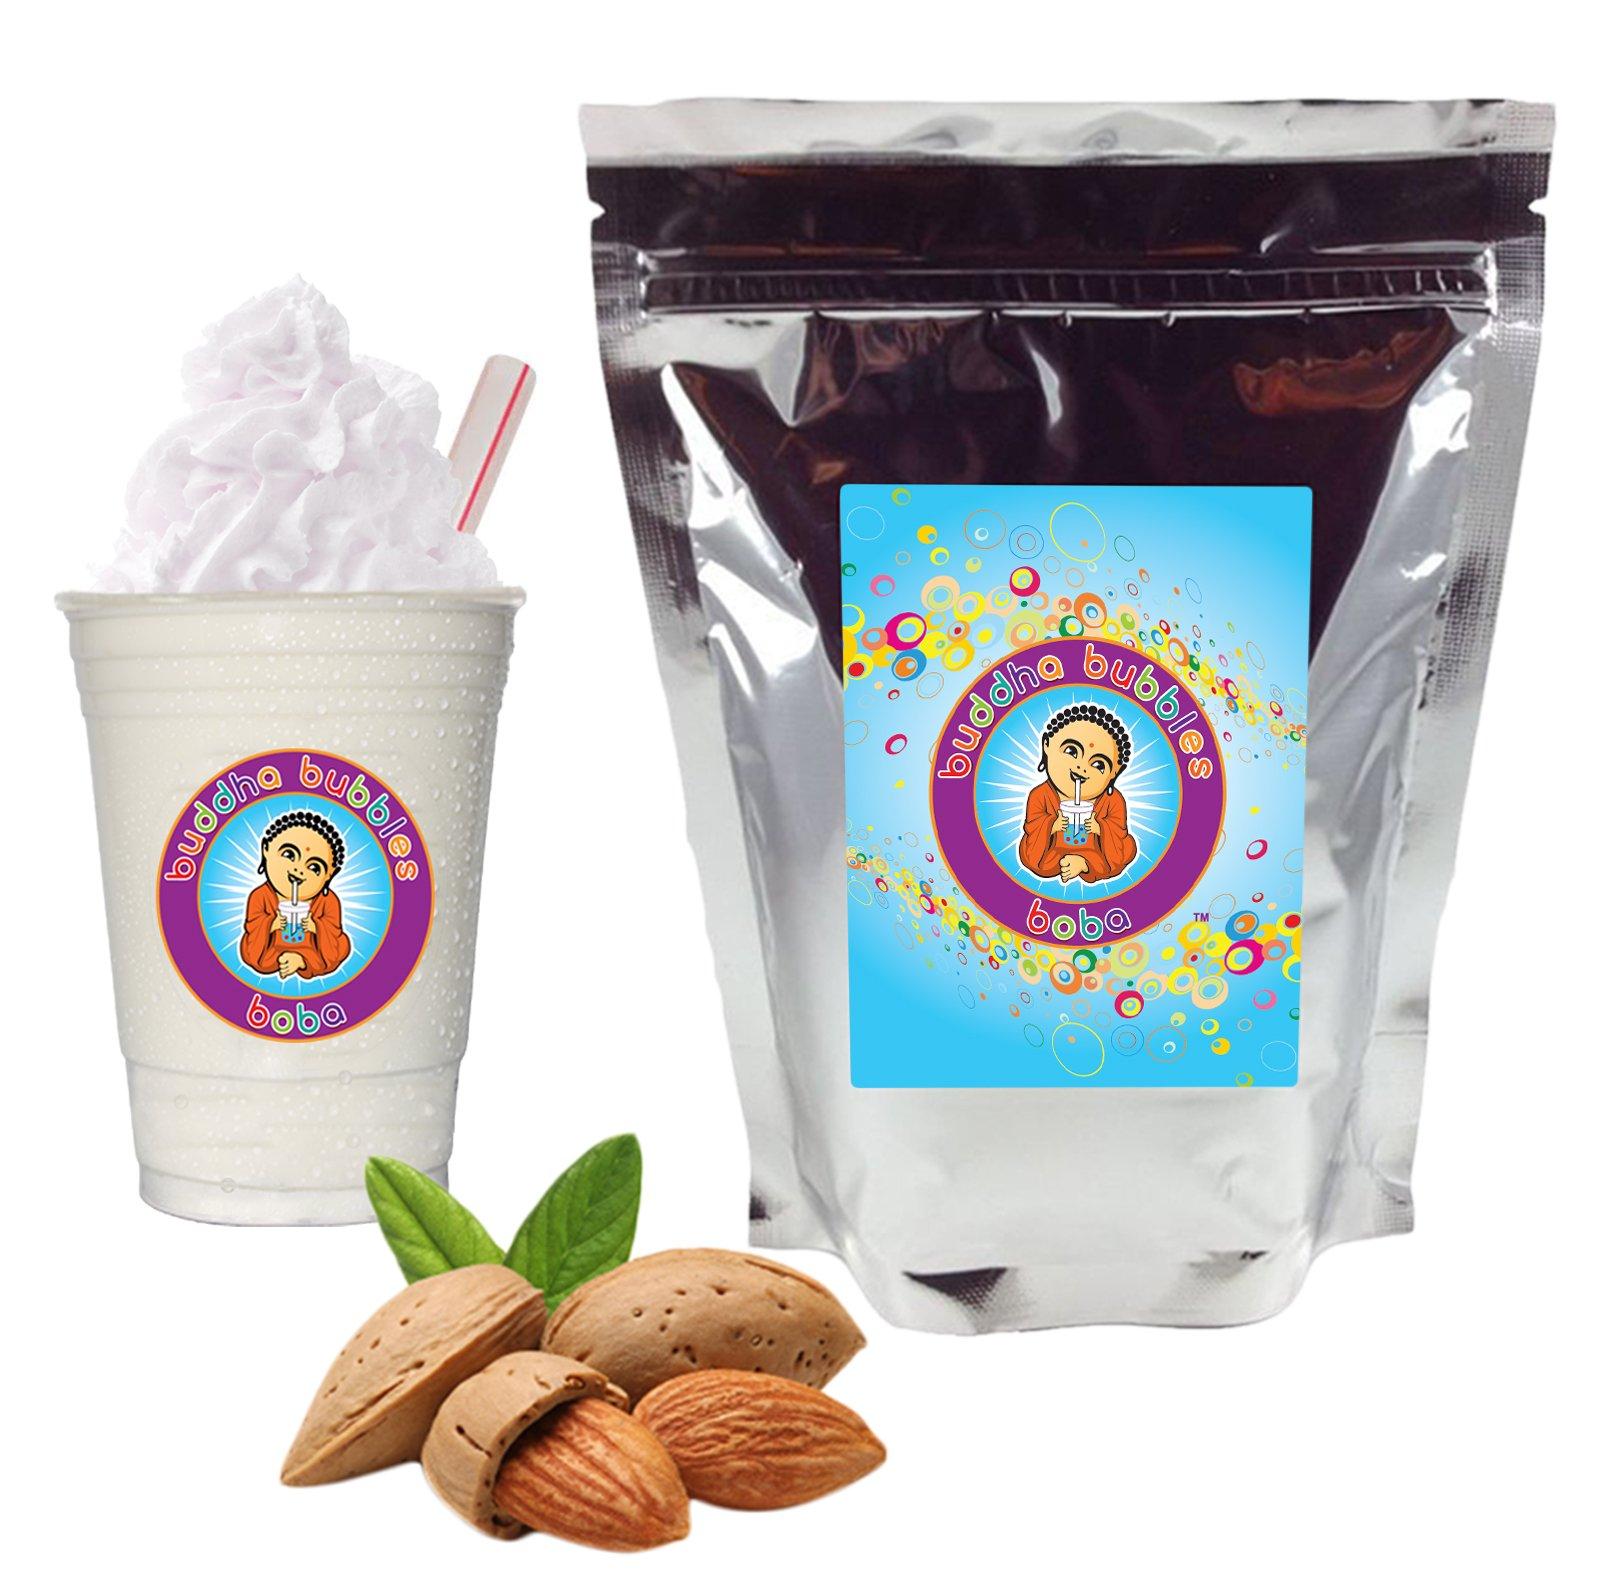 Almond Boba / Bubble Tea Drink Mix Powder By Buddha Bubbles Boba 1 Kilo (2.2 Pounds) | (1000 Grams) by Buddha Bubbles Boba